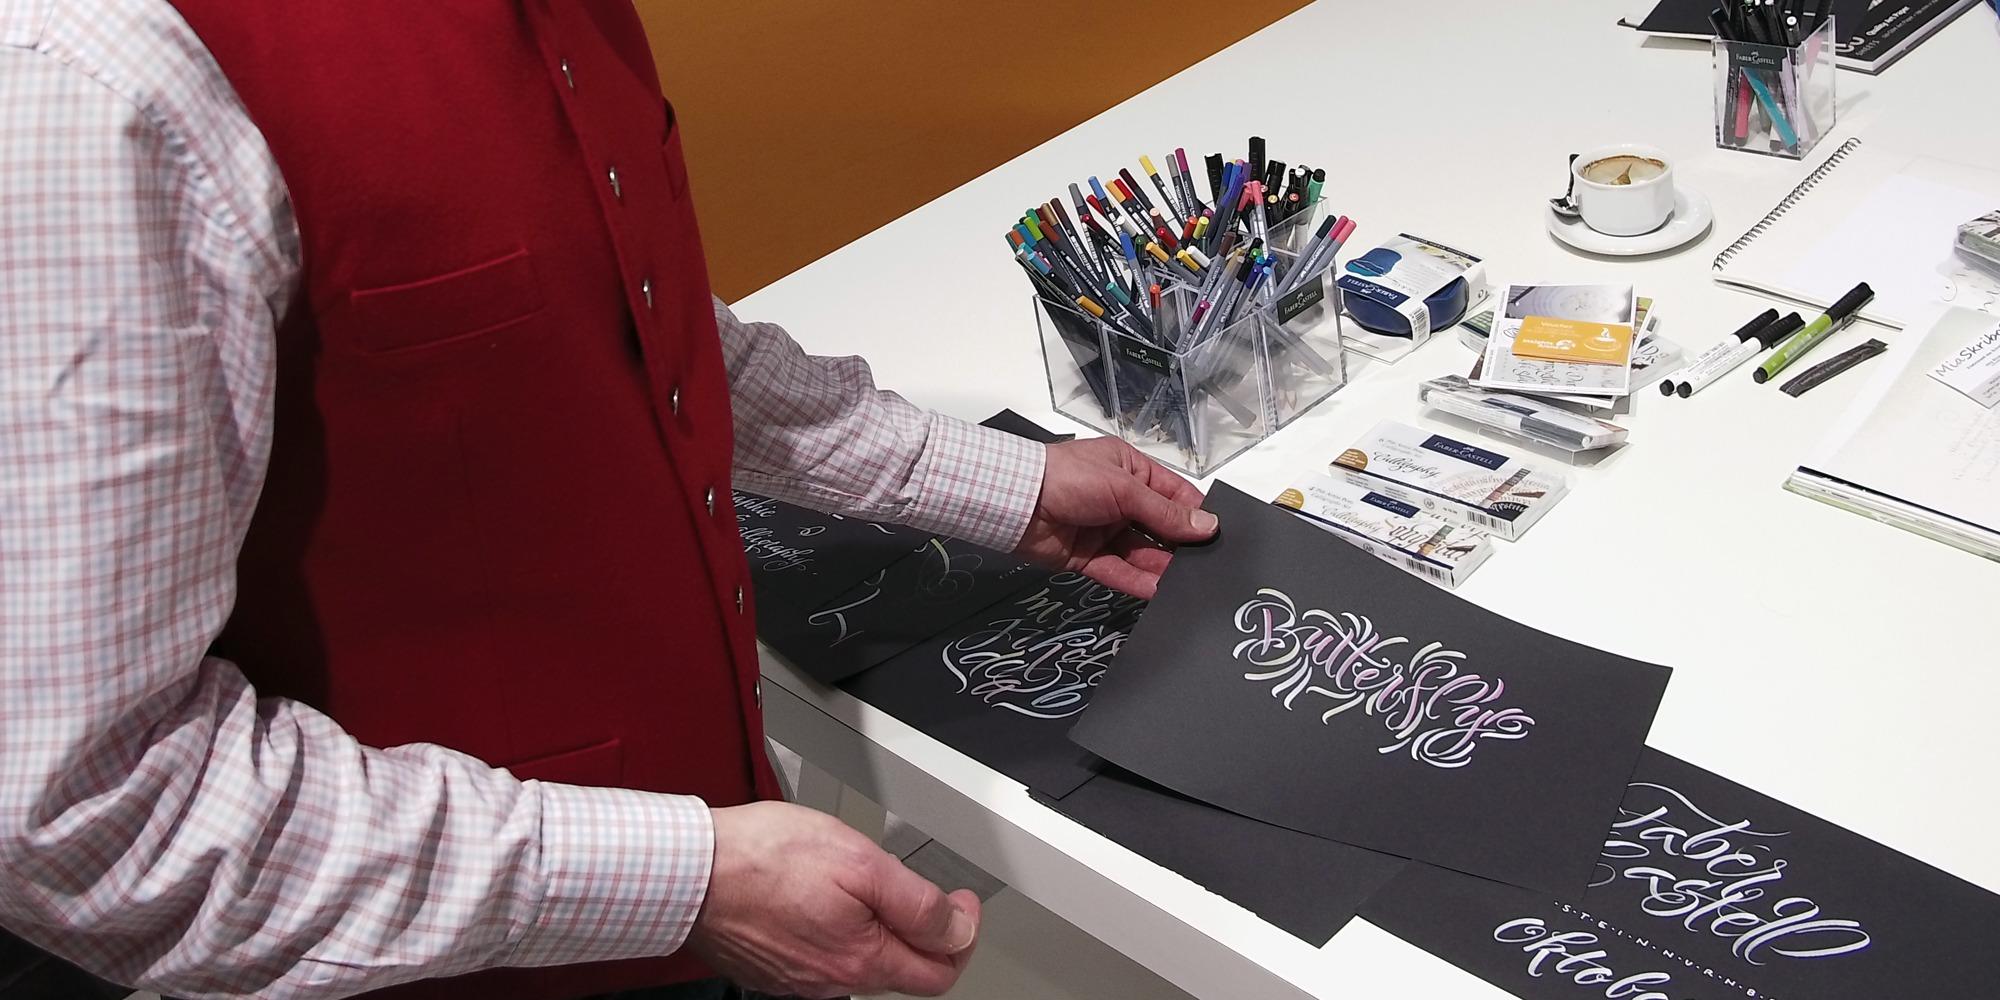 Der Kalligraf Joachim Propfe zeigt hier auf der Insigths-X 2018 in Nürnberg seine Werke